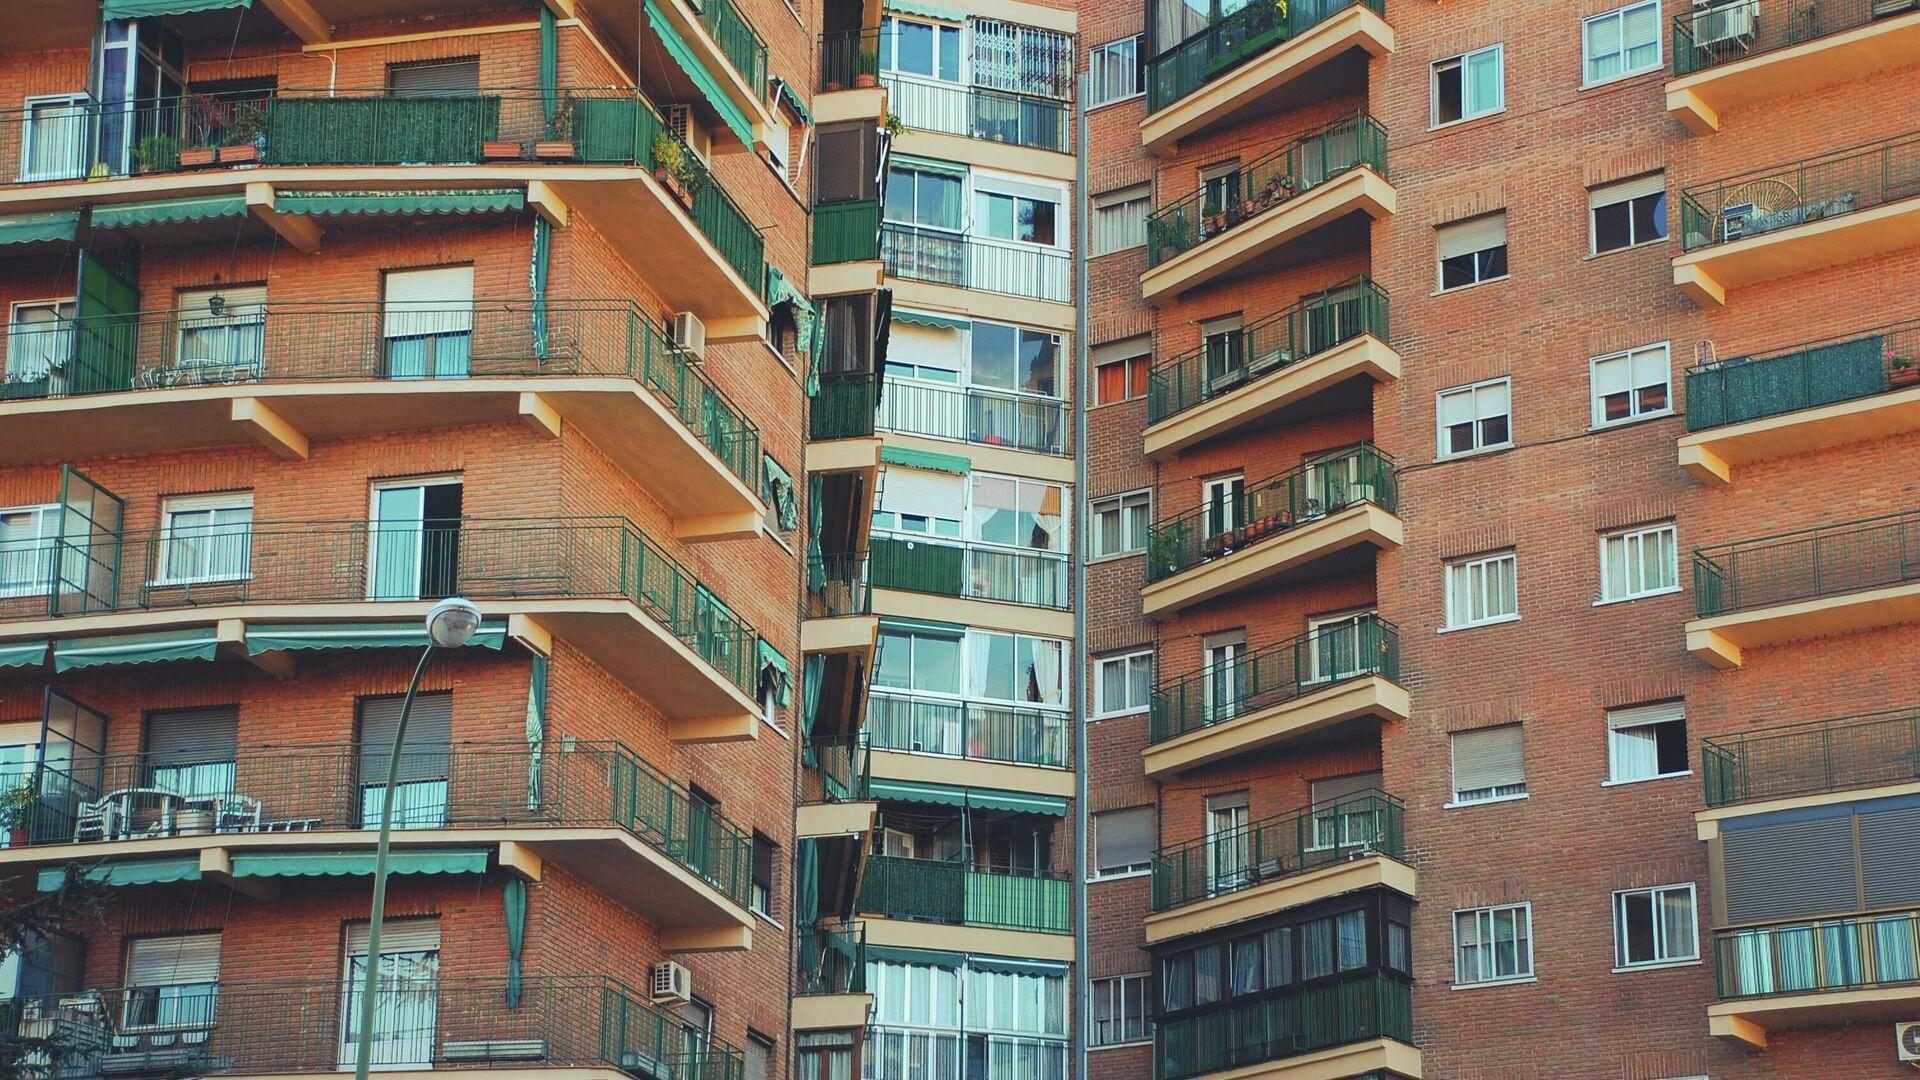 Un edificio en Madrid - Sputnik Mundo, 1920, 24.08.2021